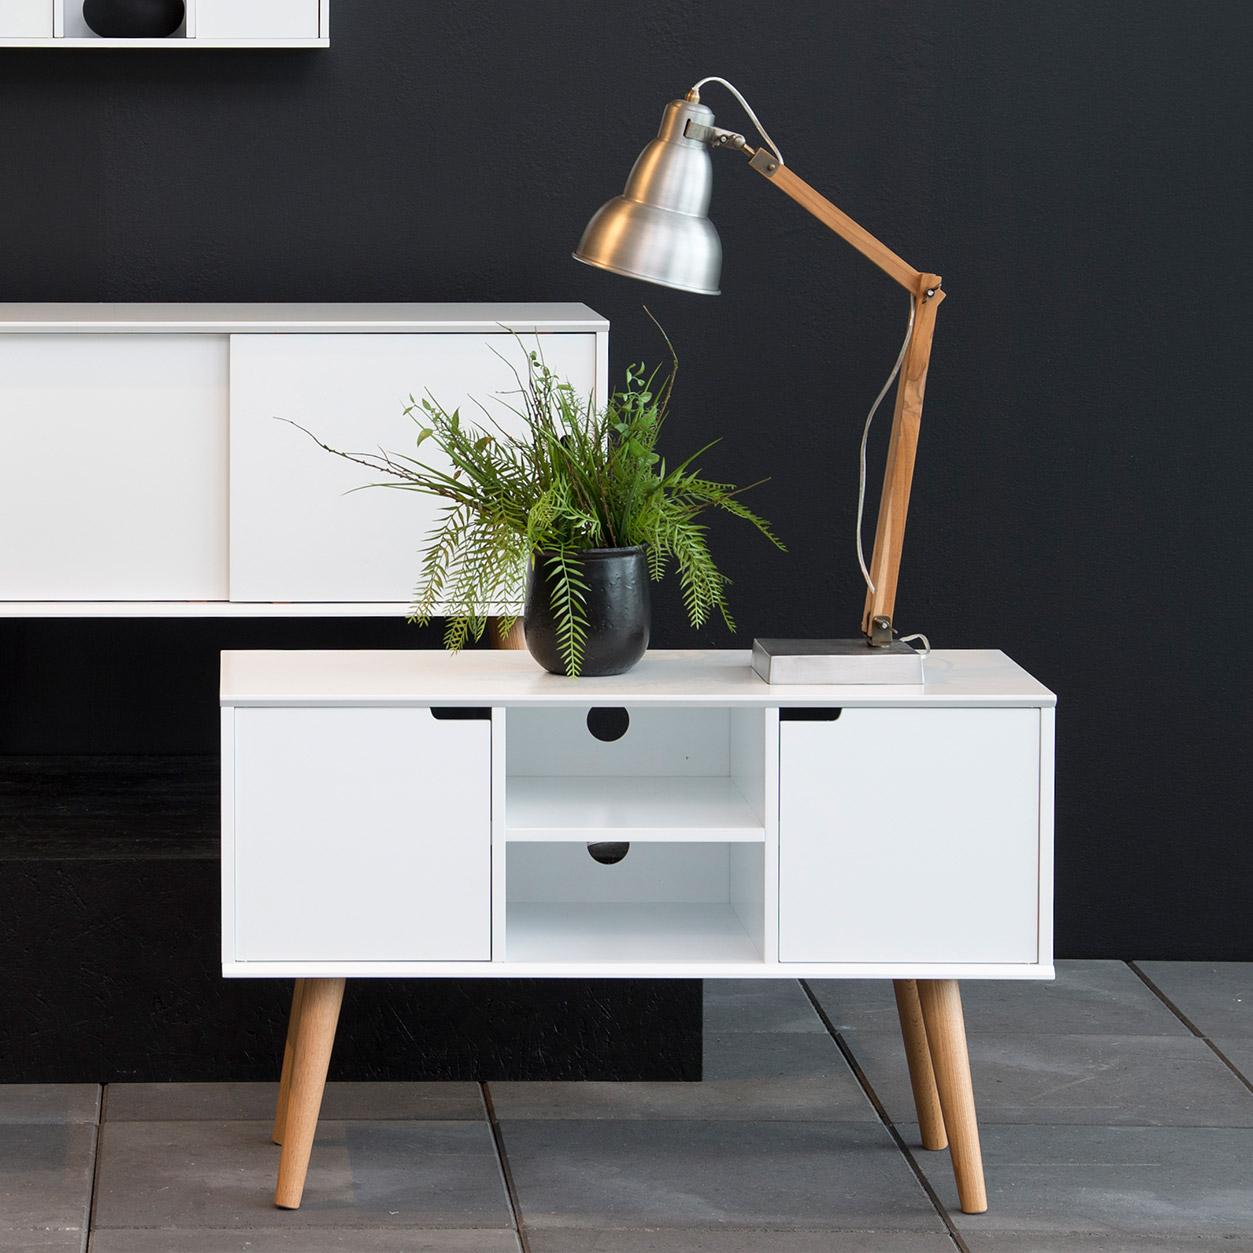 Bendt Tv-meubel 'Isaac' kleur wit vergelijken Bendt